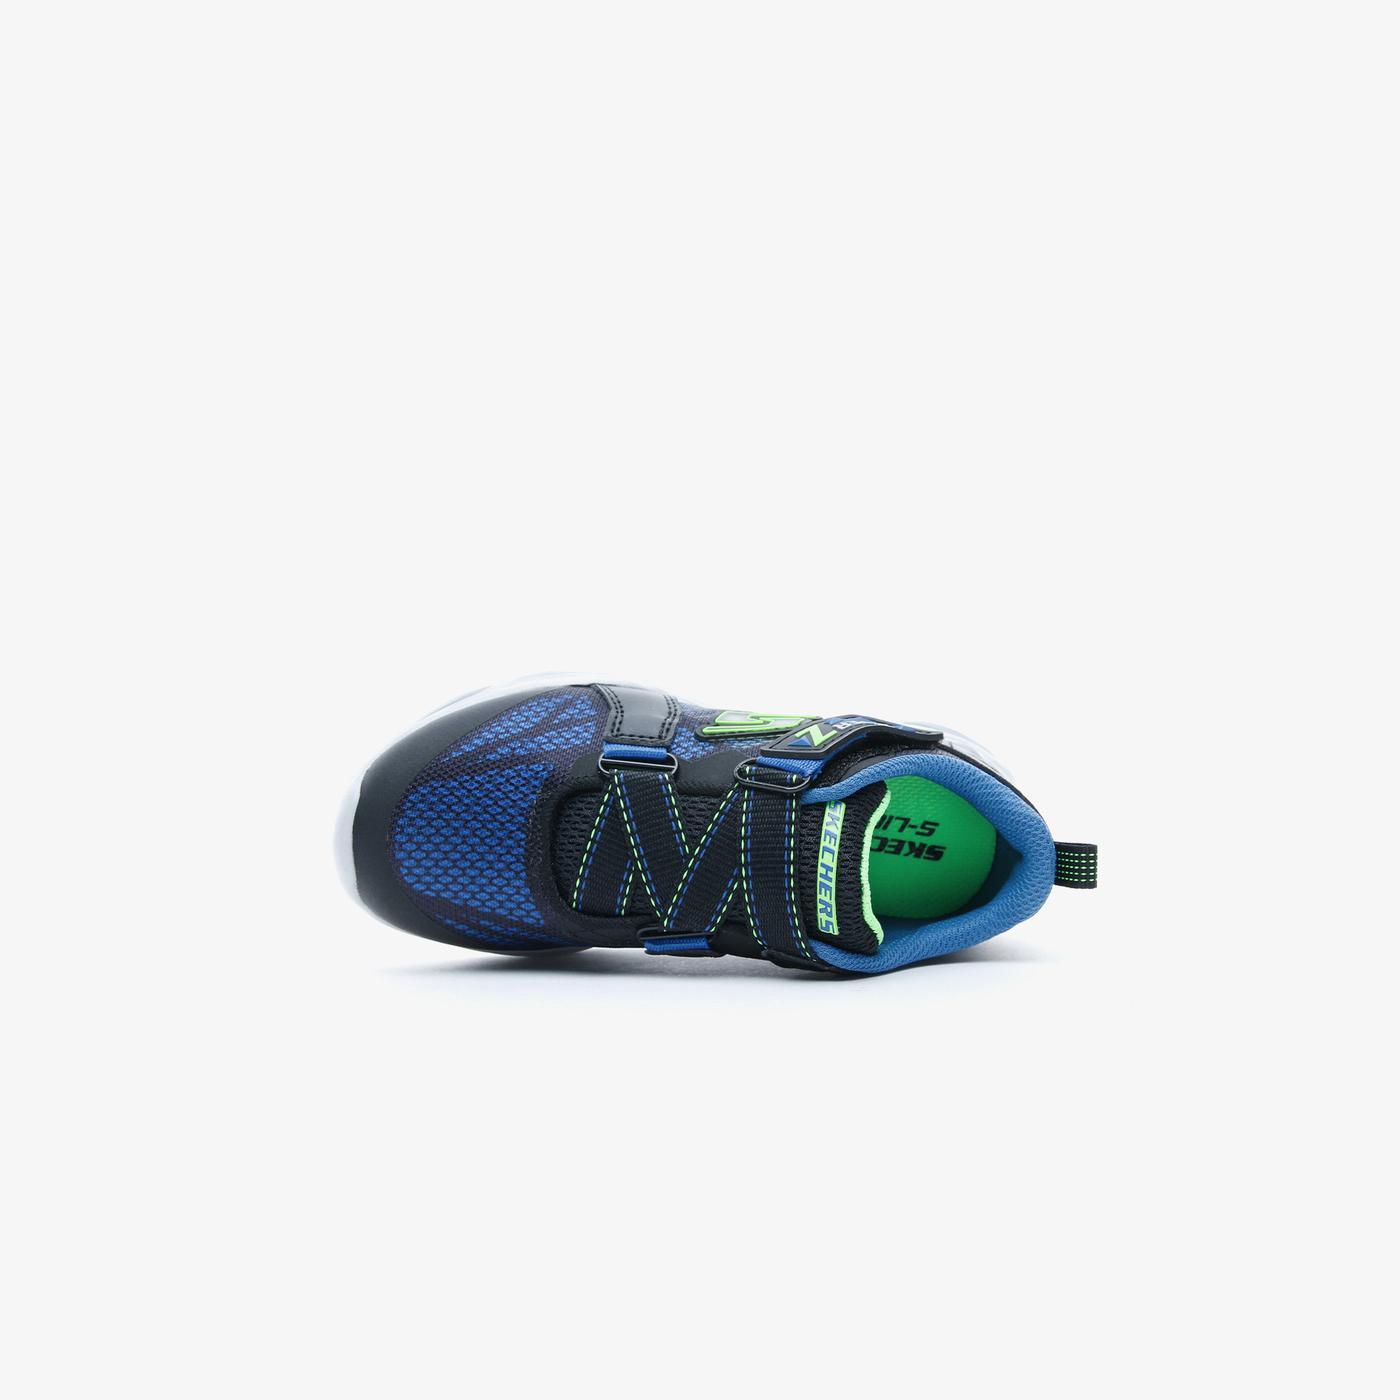 Skechers Vortex Flash - Denlo Çocuk Siyah-Mavi Spor Ayakkabı